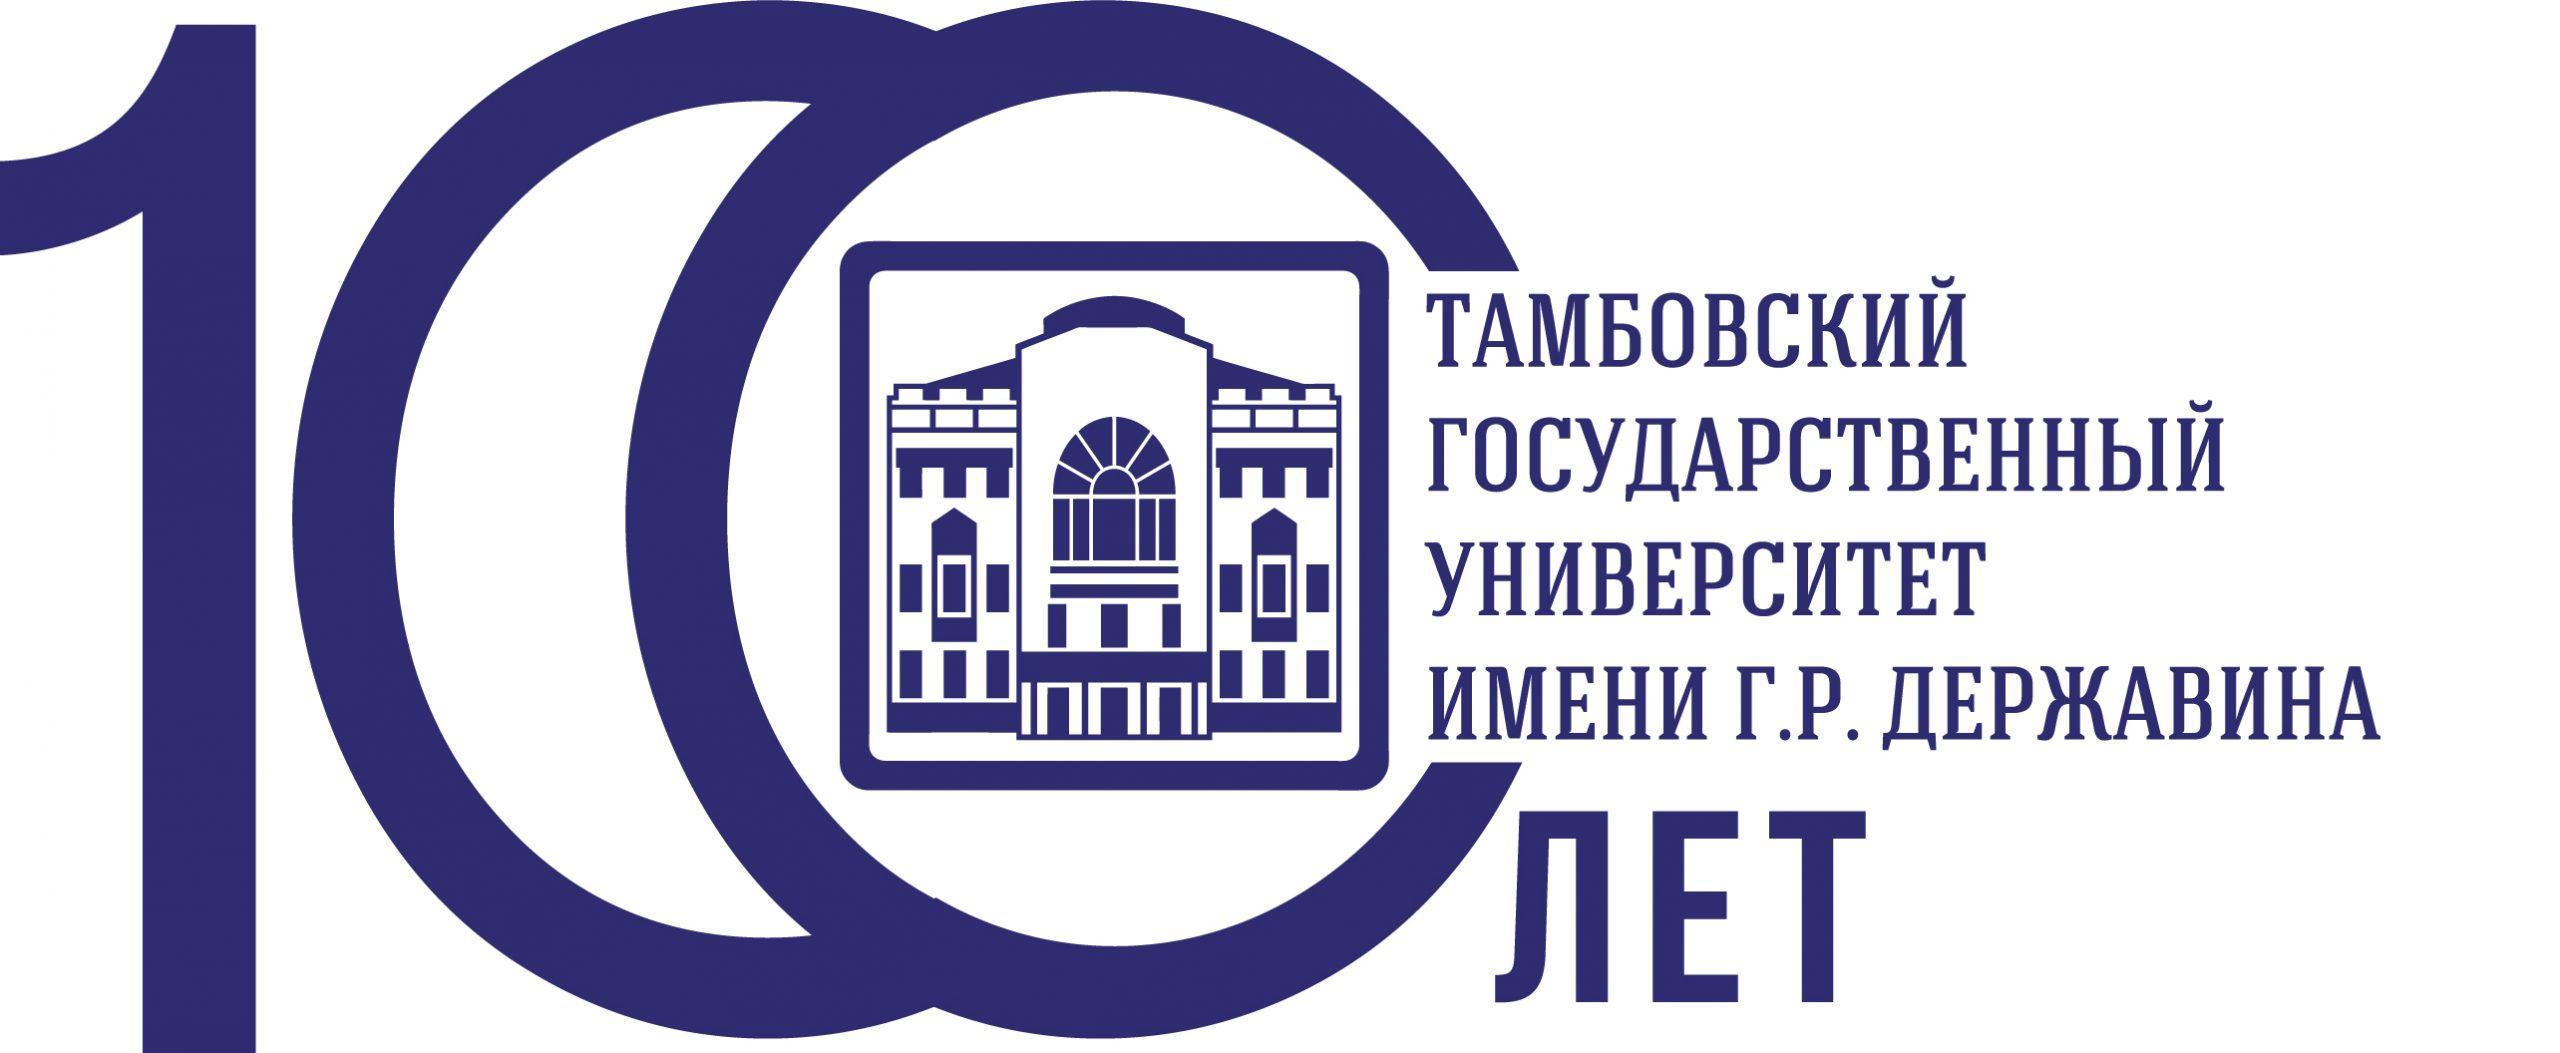 ФГБОУ ВПО «Тамбовский государственный университет имени Г.Р. Державина»